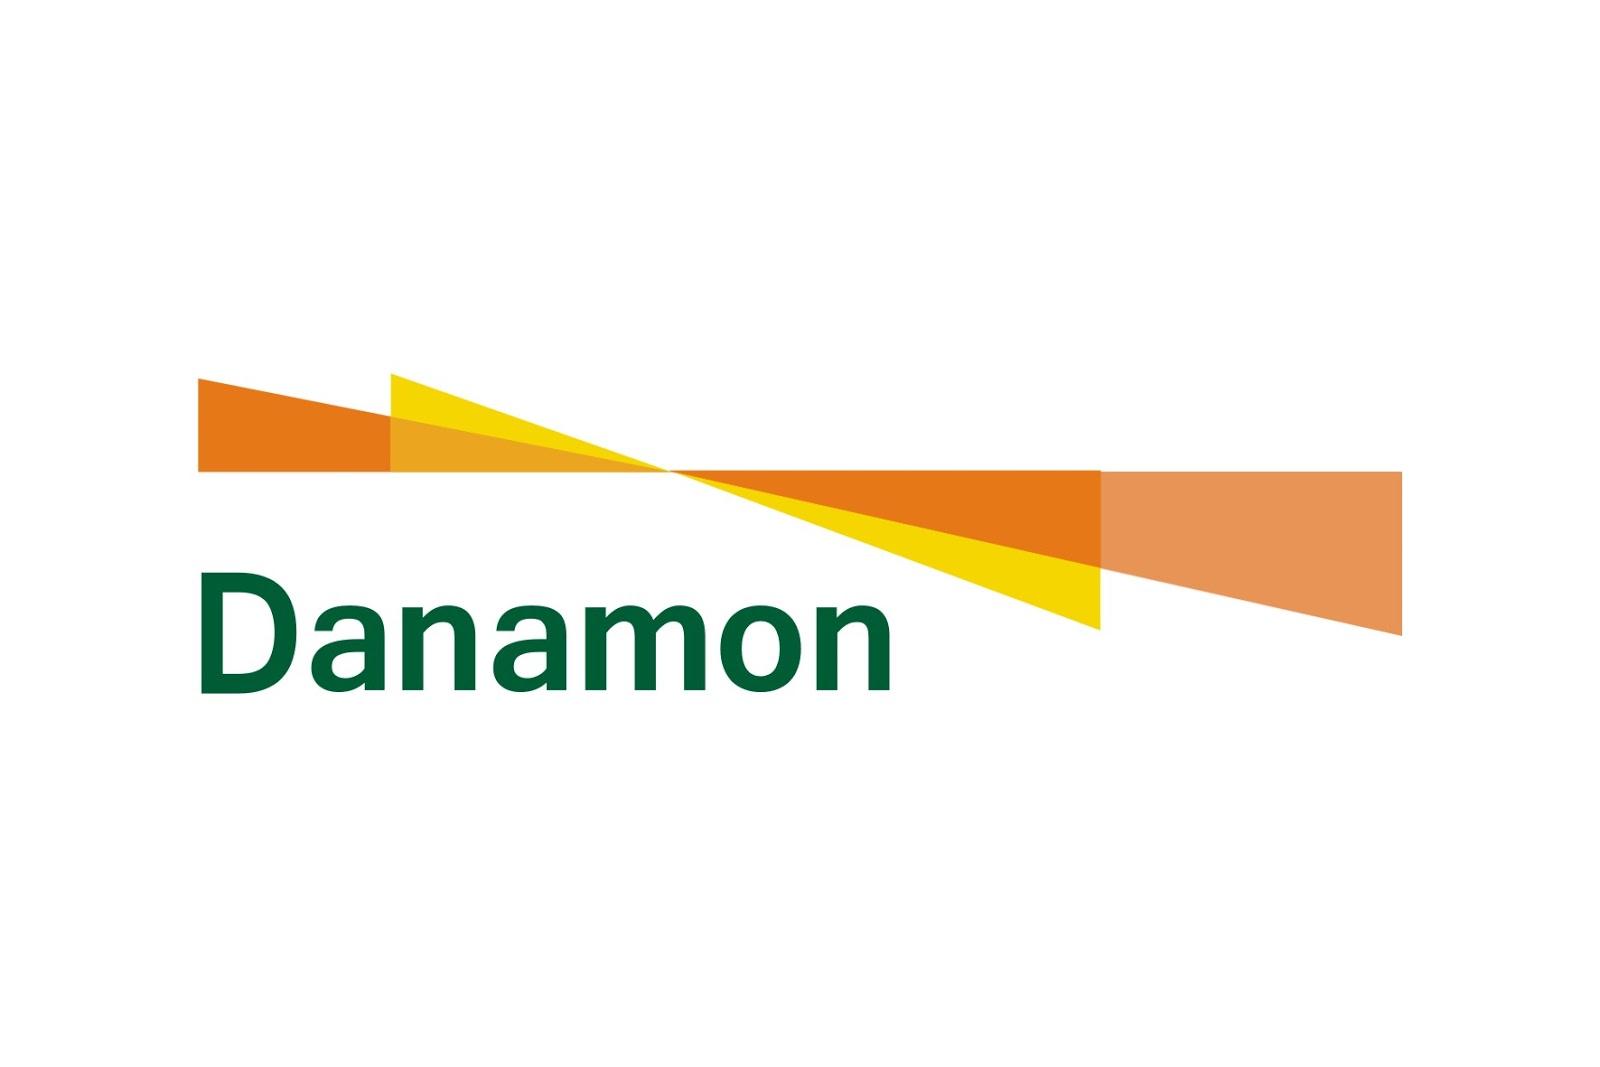 Danamon Logo.JPG